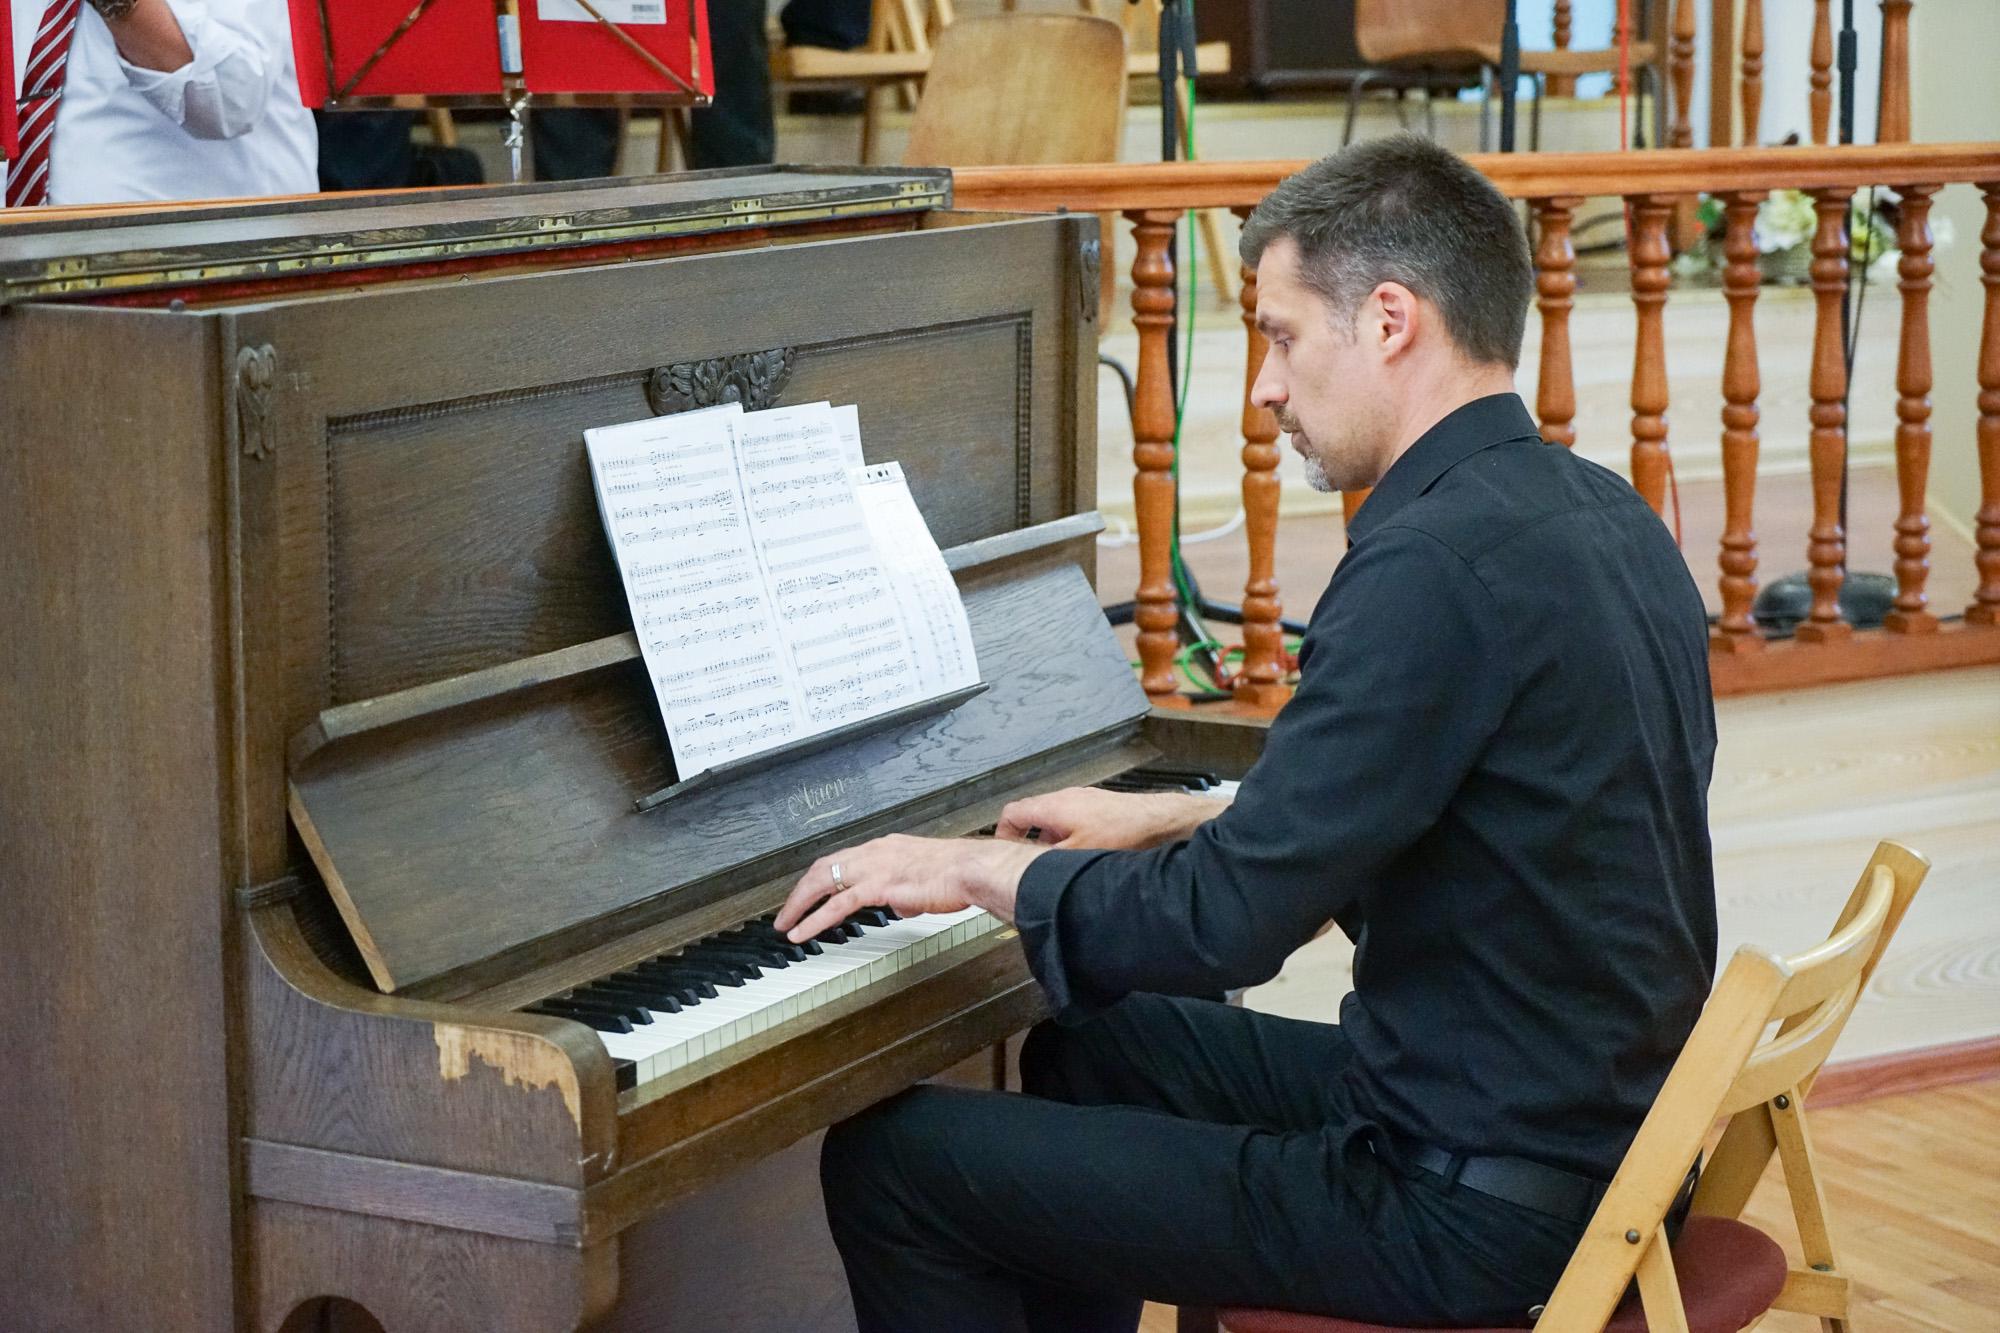 Das Klavierspiel war auf diesem Klavier eine Herausforderung.